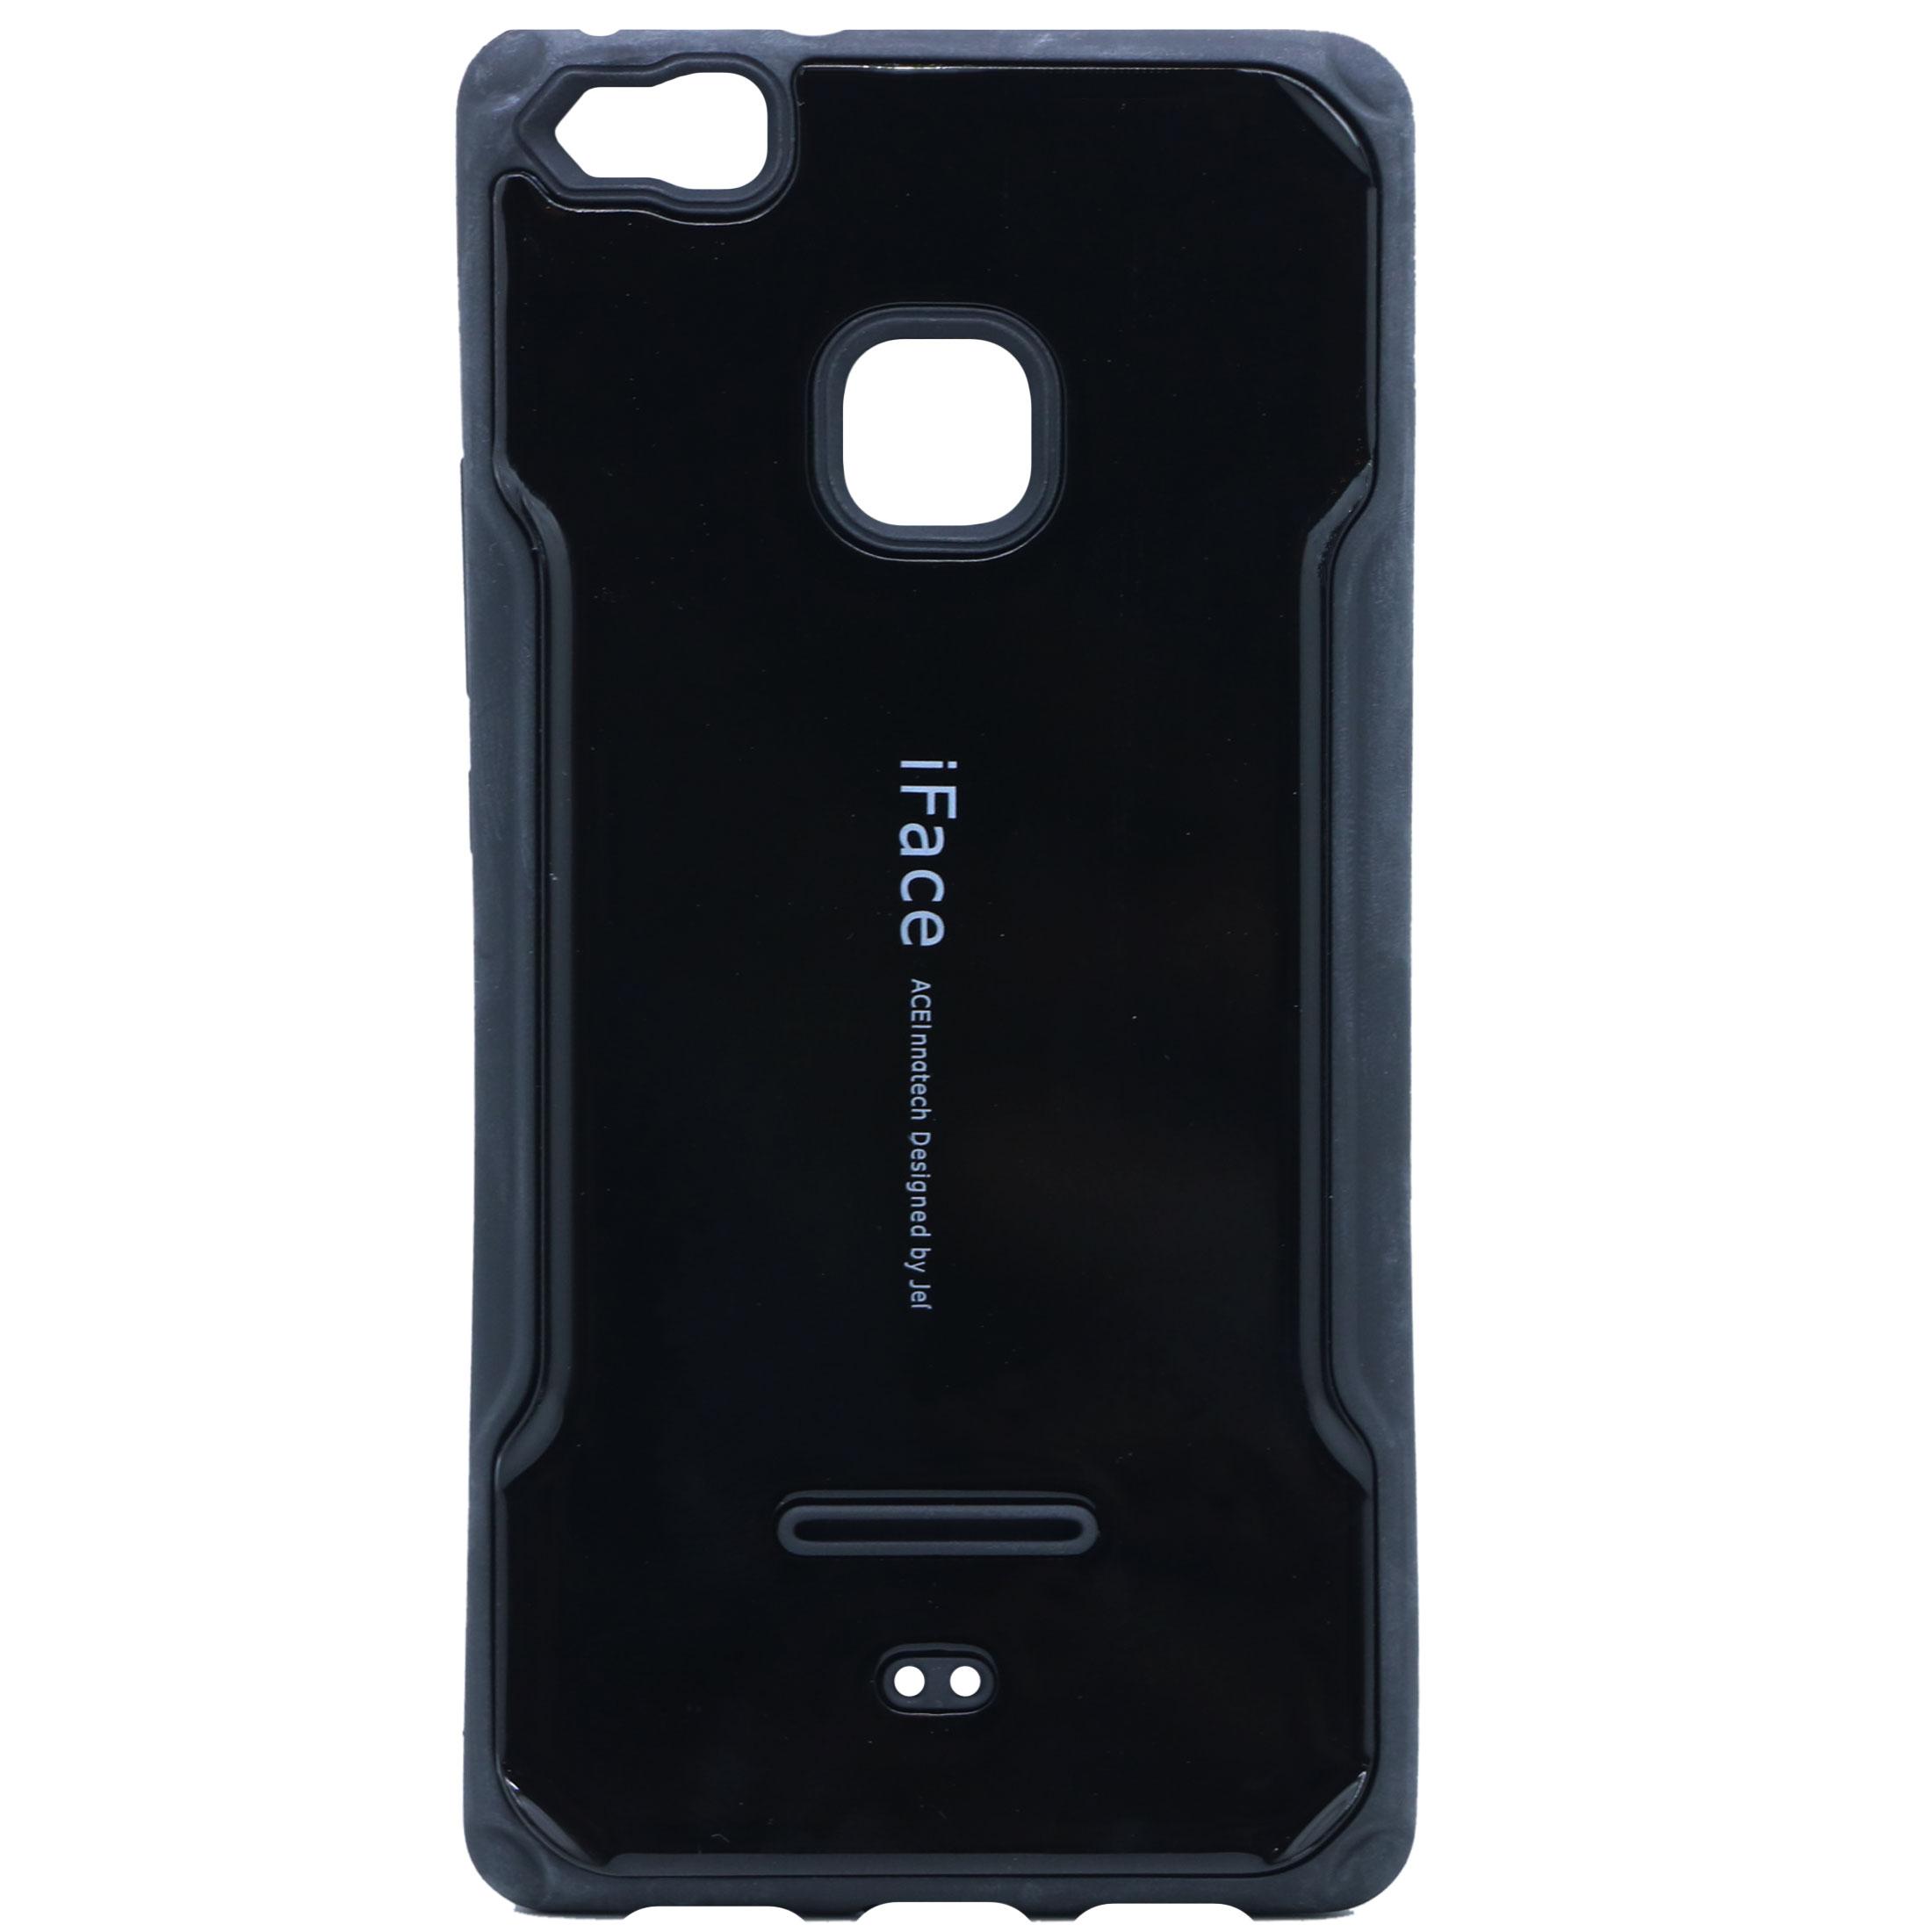 کاور مدل IFC_01 مناسب برای گوشی موبایل هوآوی P9 Lite              ( قیمت و خرید)